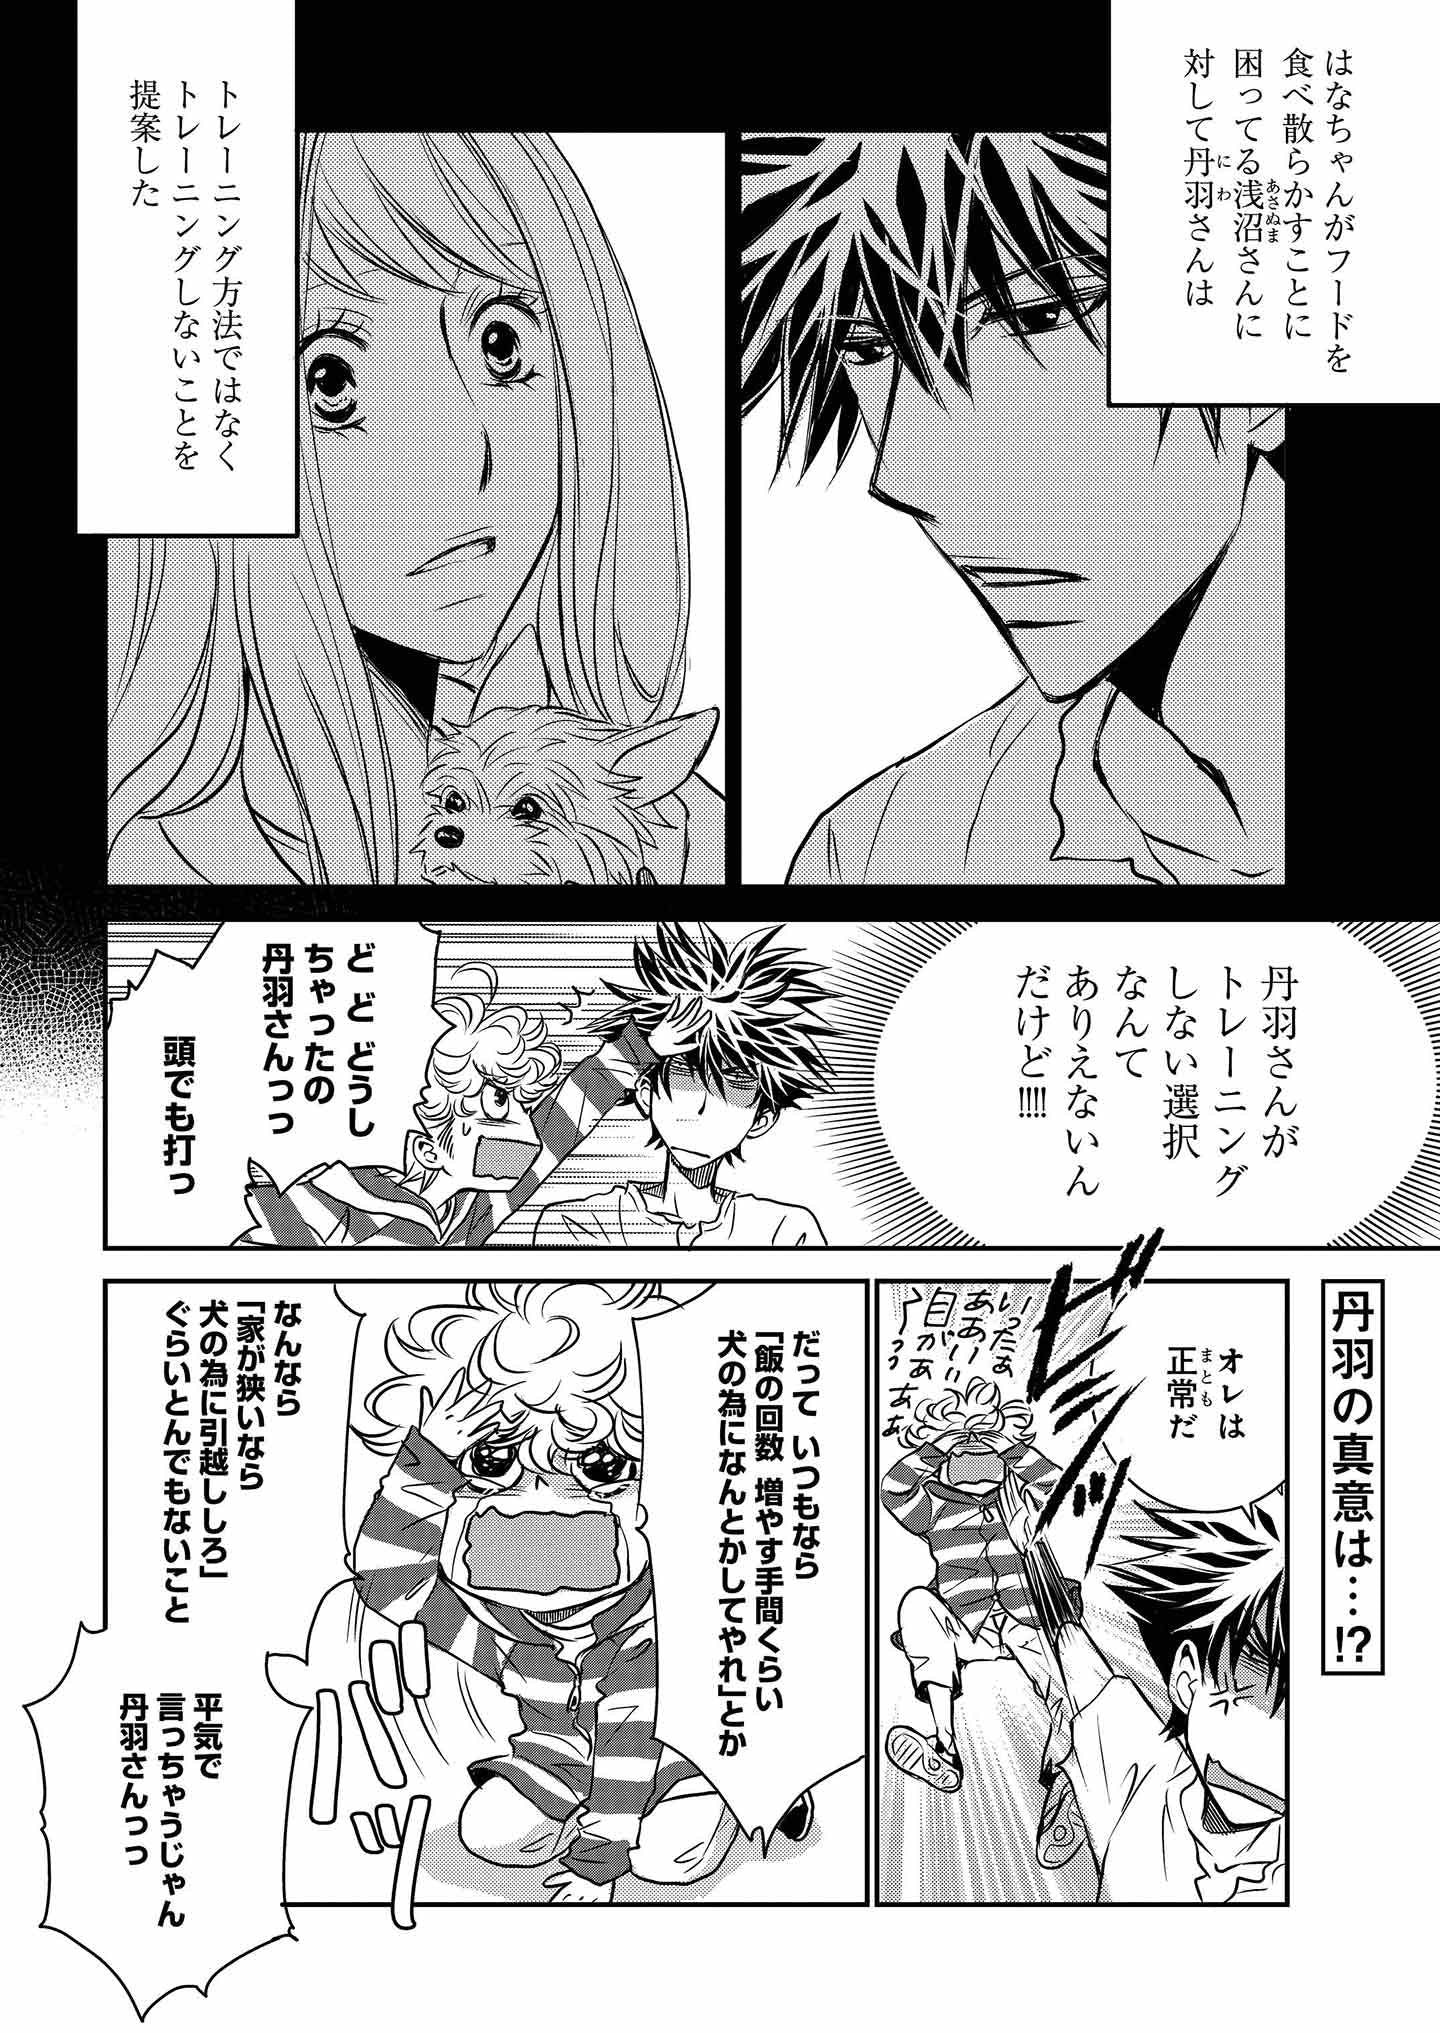 『DOG SIGNAL』14話目① 1ページ目